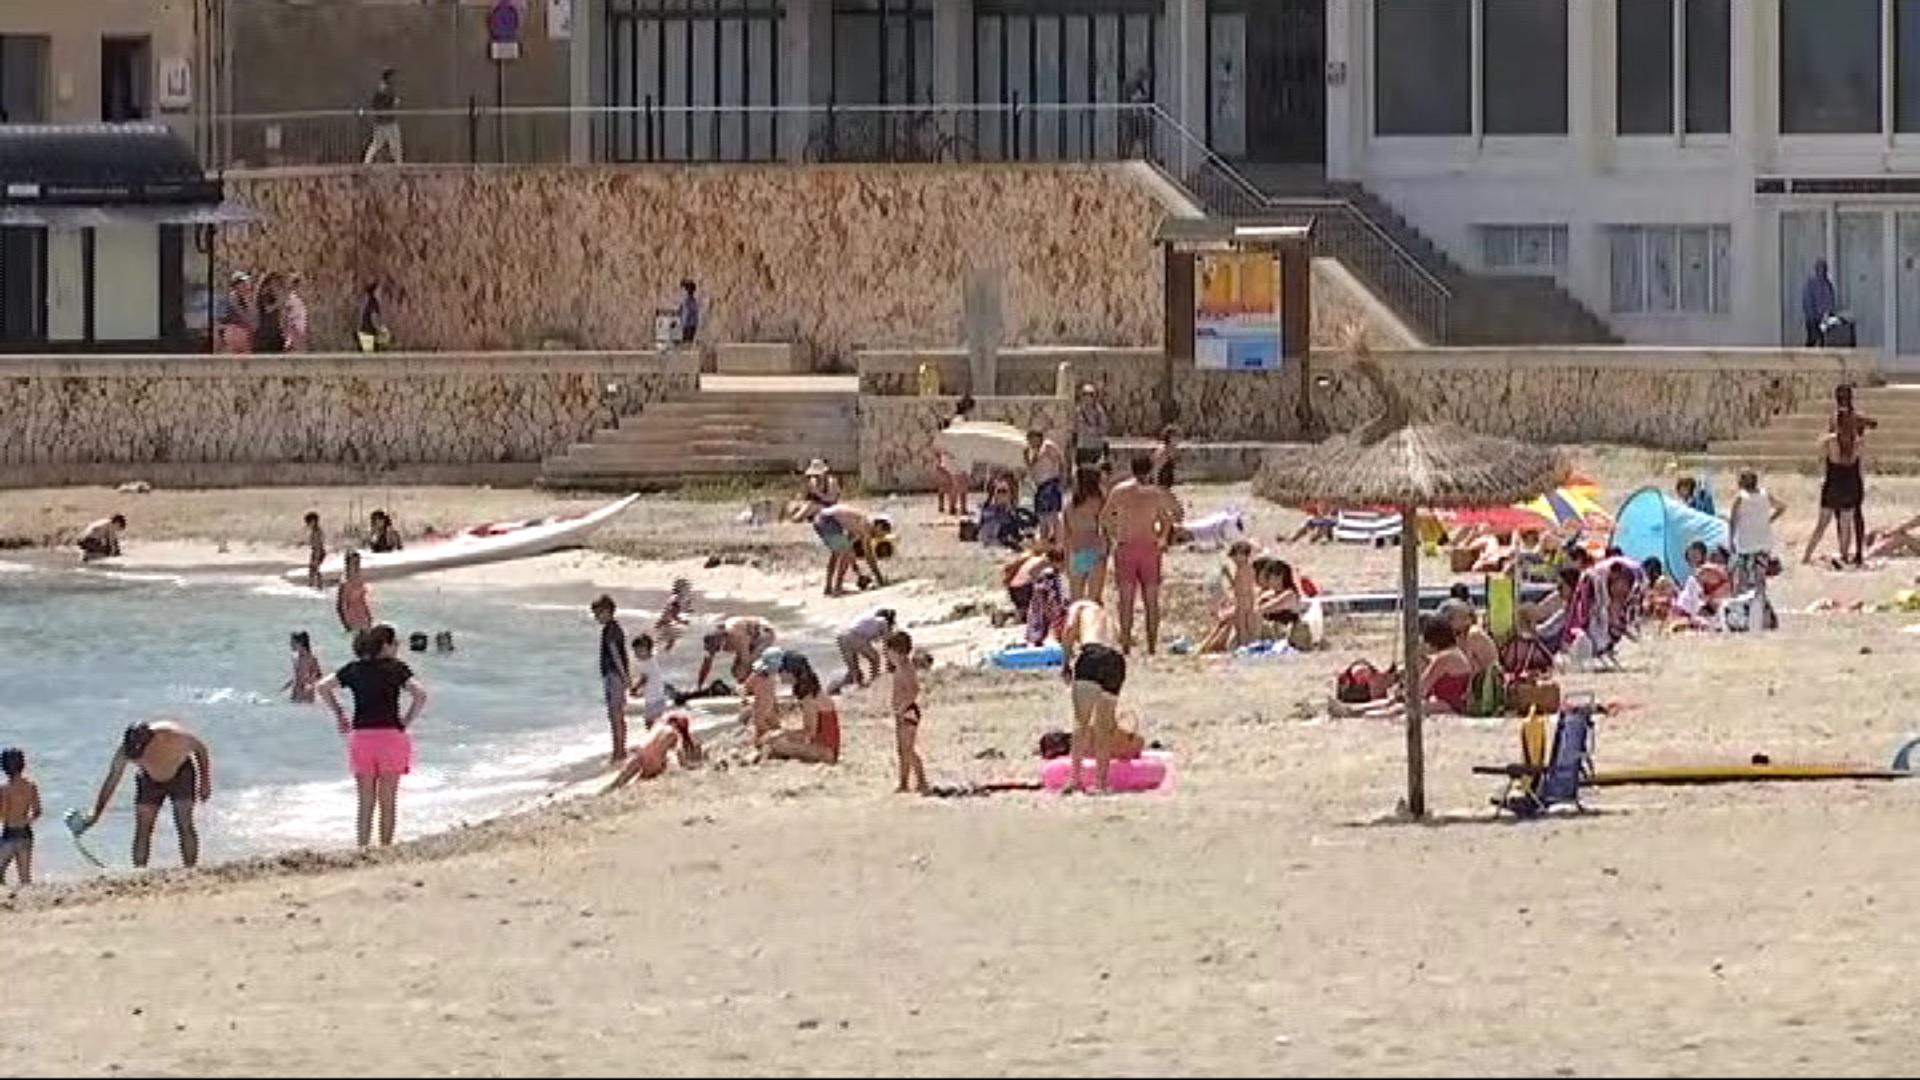 Manacor+promociona+les+seves+platges+com+a+Covid-free+perqu%C3%A8+no+tendran+gandules%2C+parasols+ni+xibius